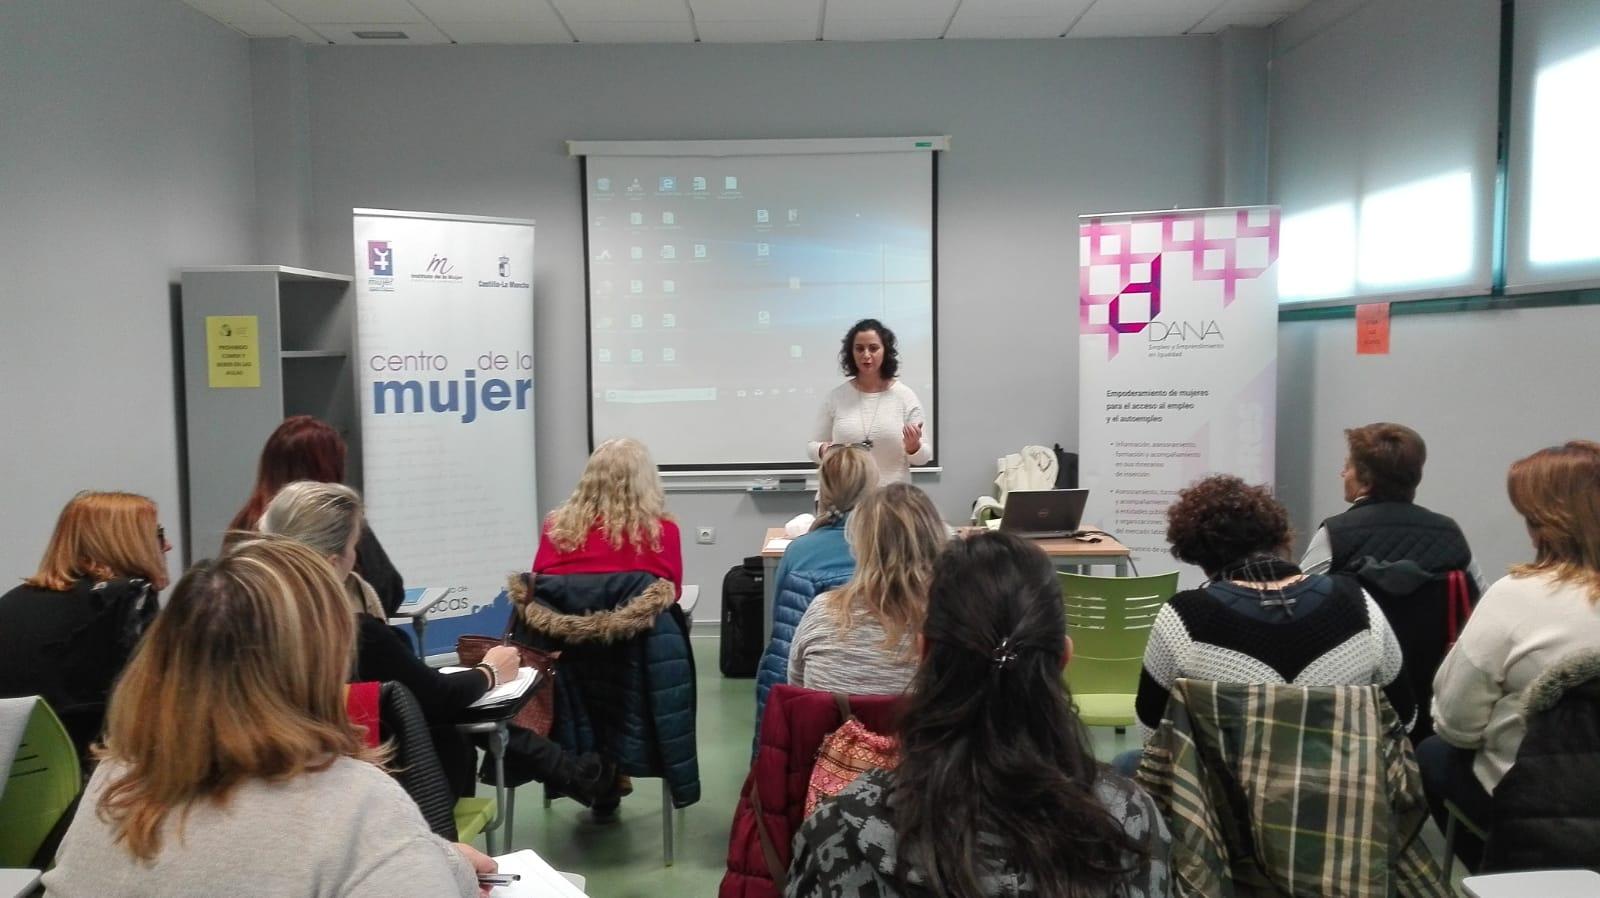 Comienza Un Taller De Empoderamiento Femenino Para El Empleo